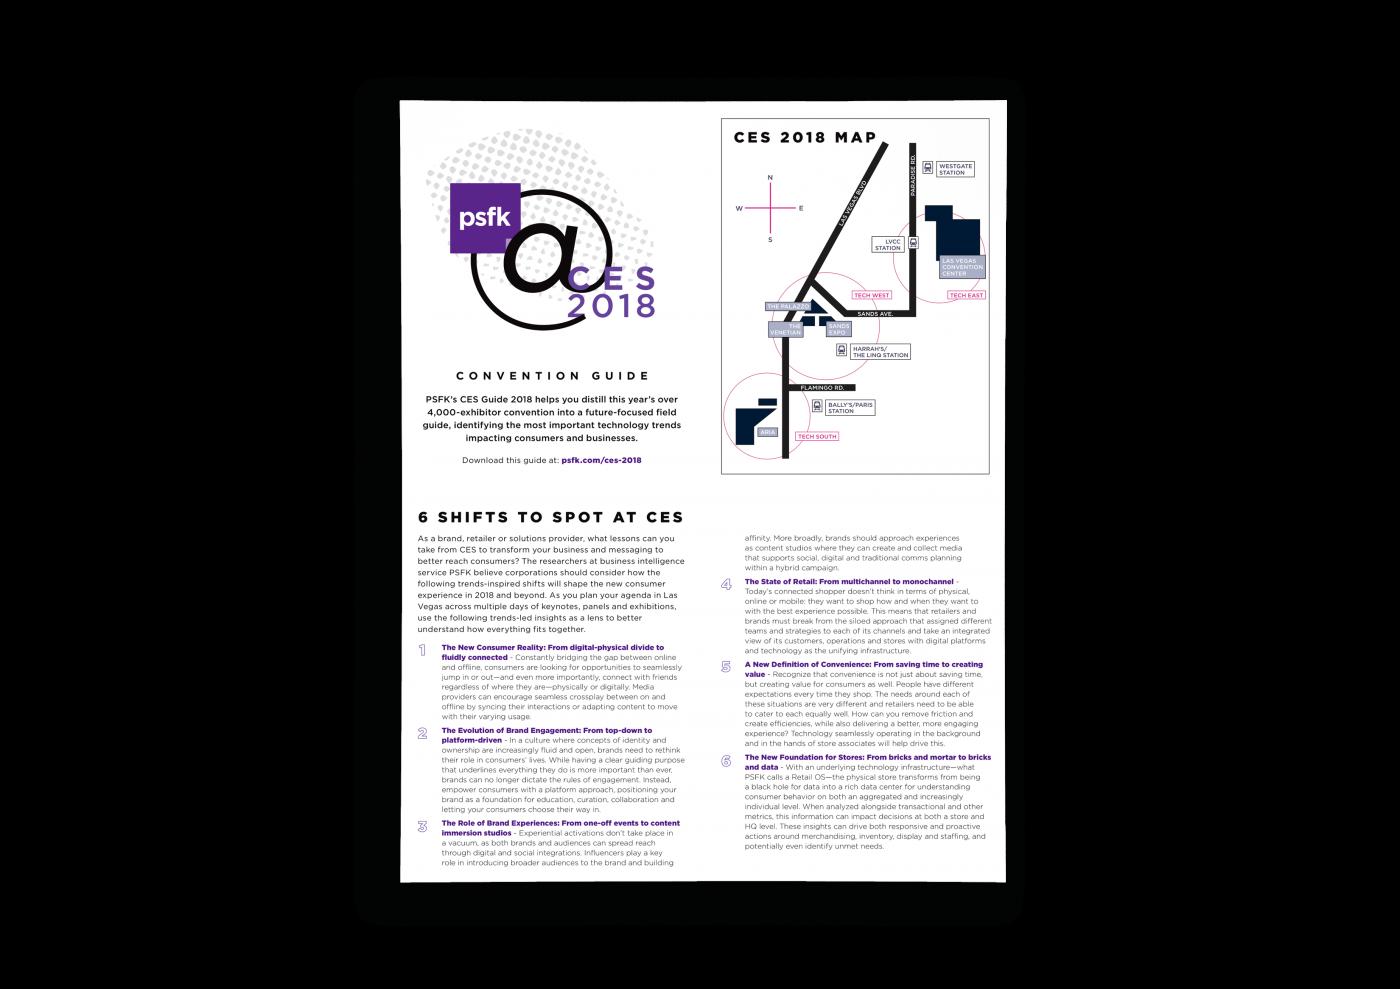 CES 2018 Guide